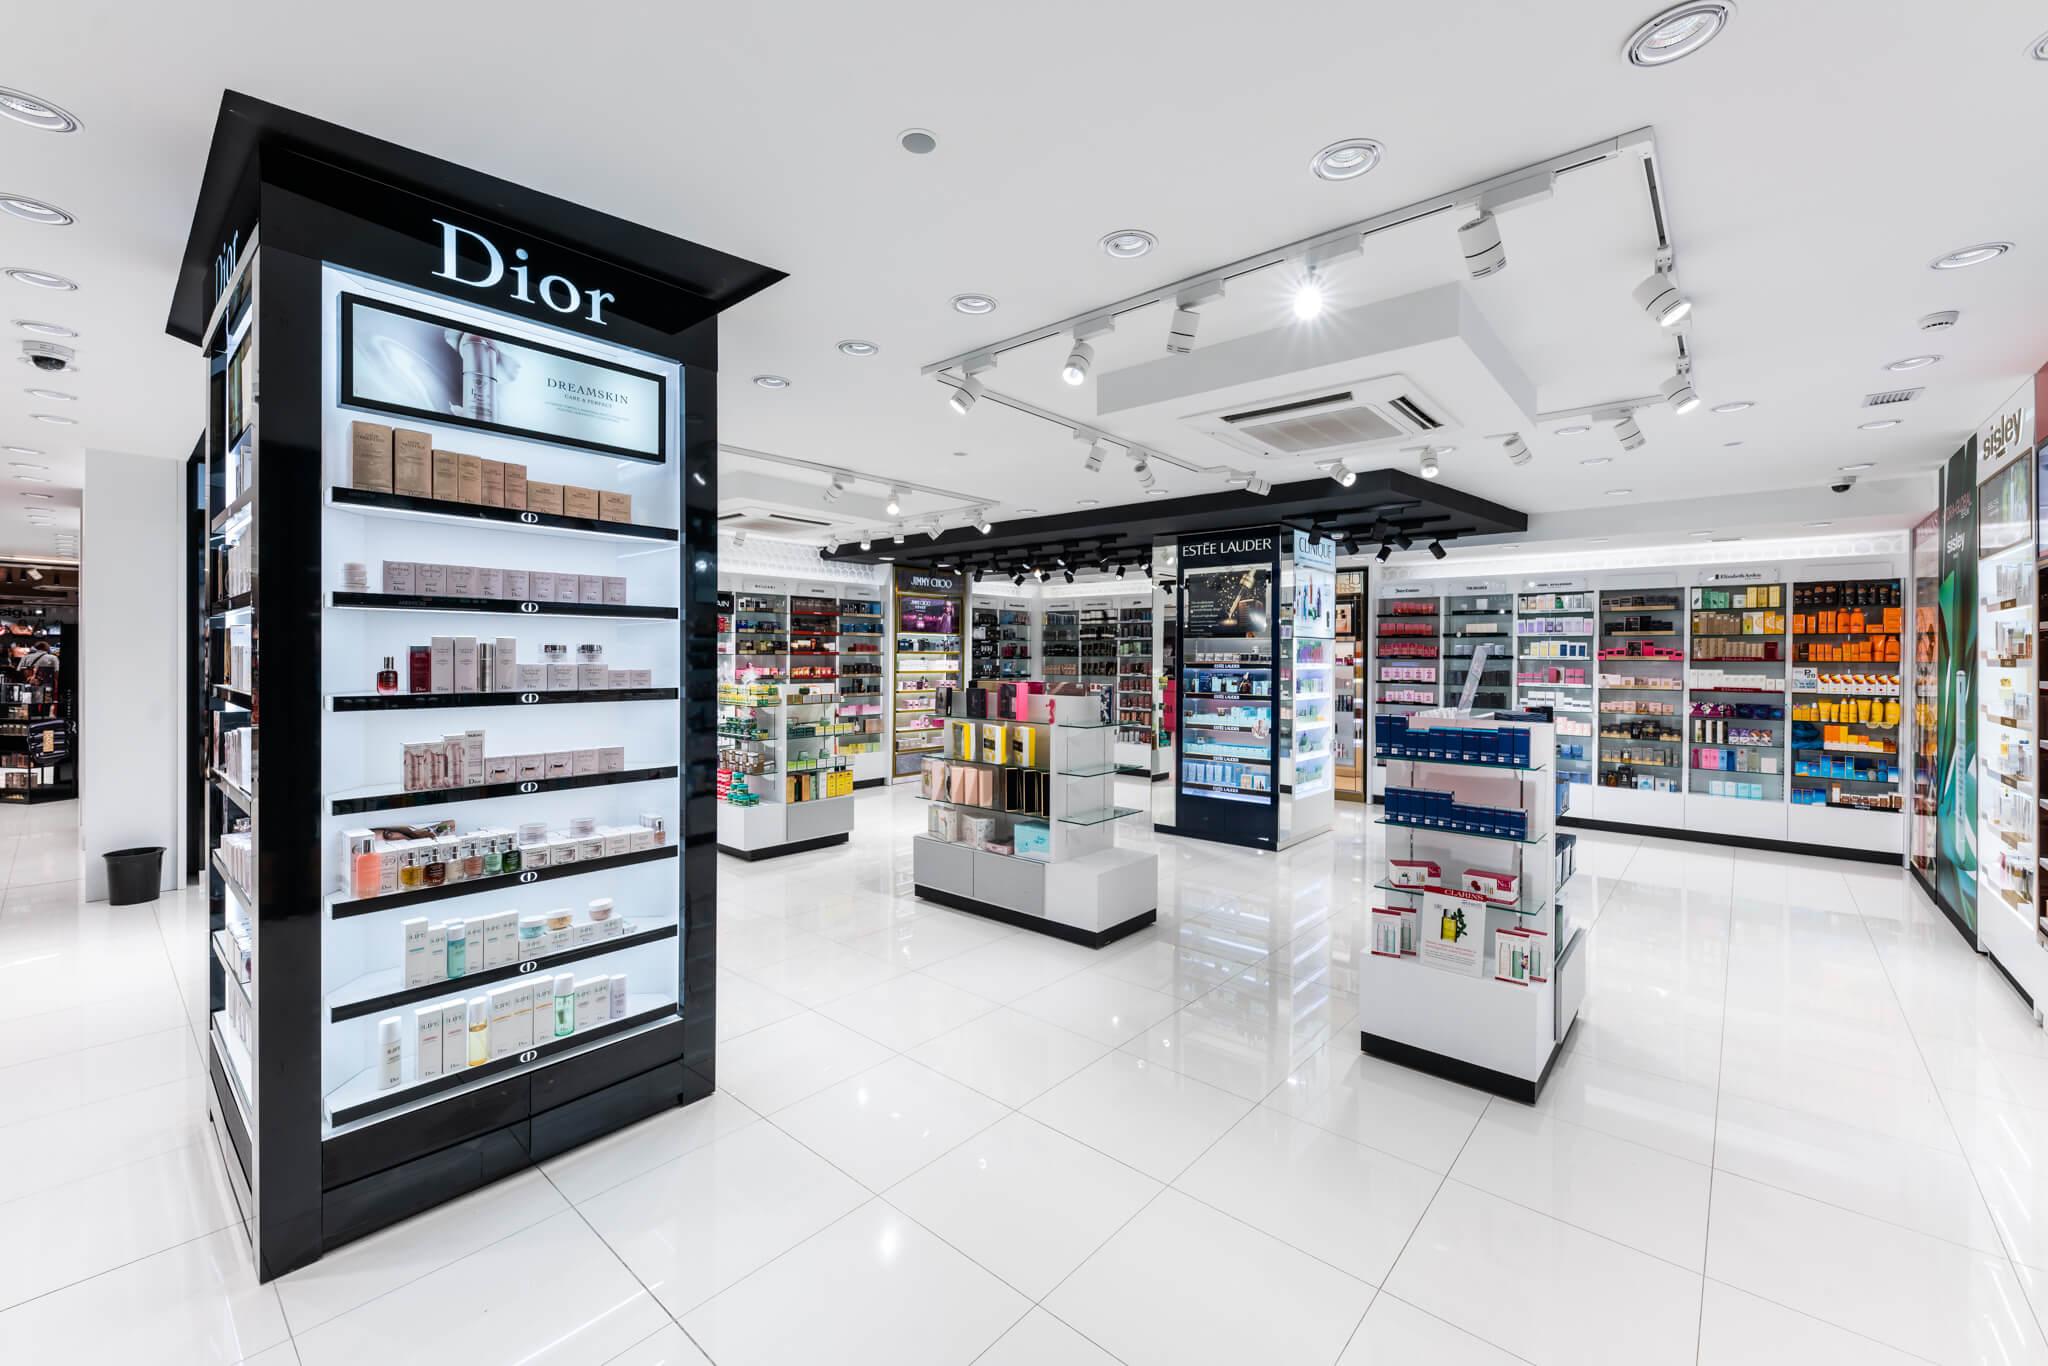 Columna Dior izquierda y perfumería Sabina de fondo